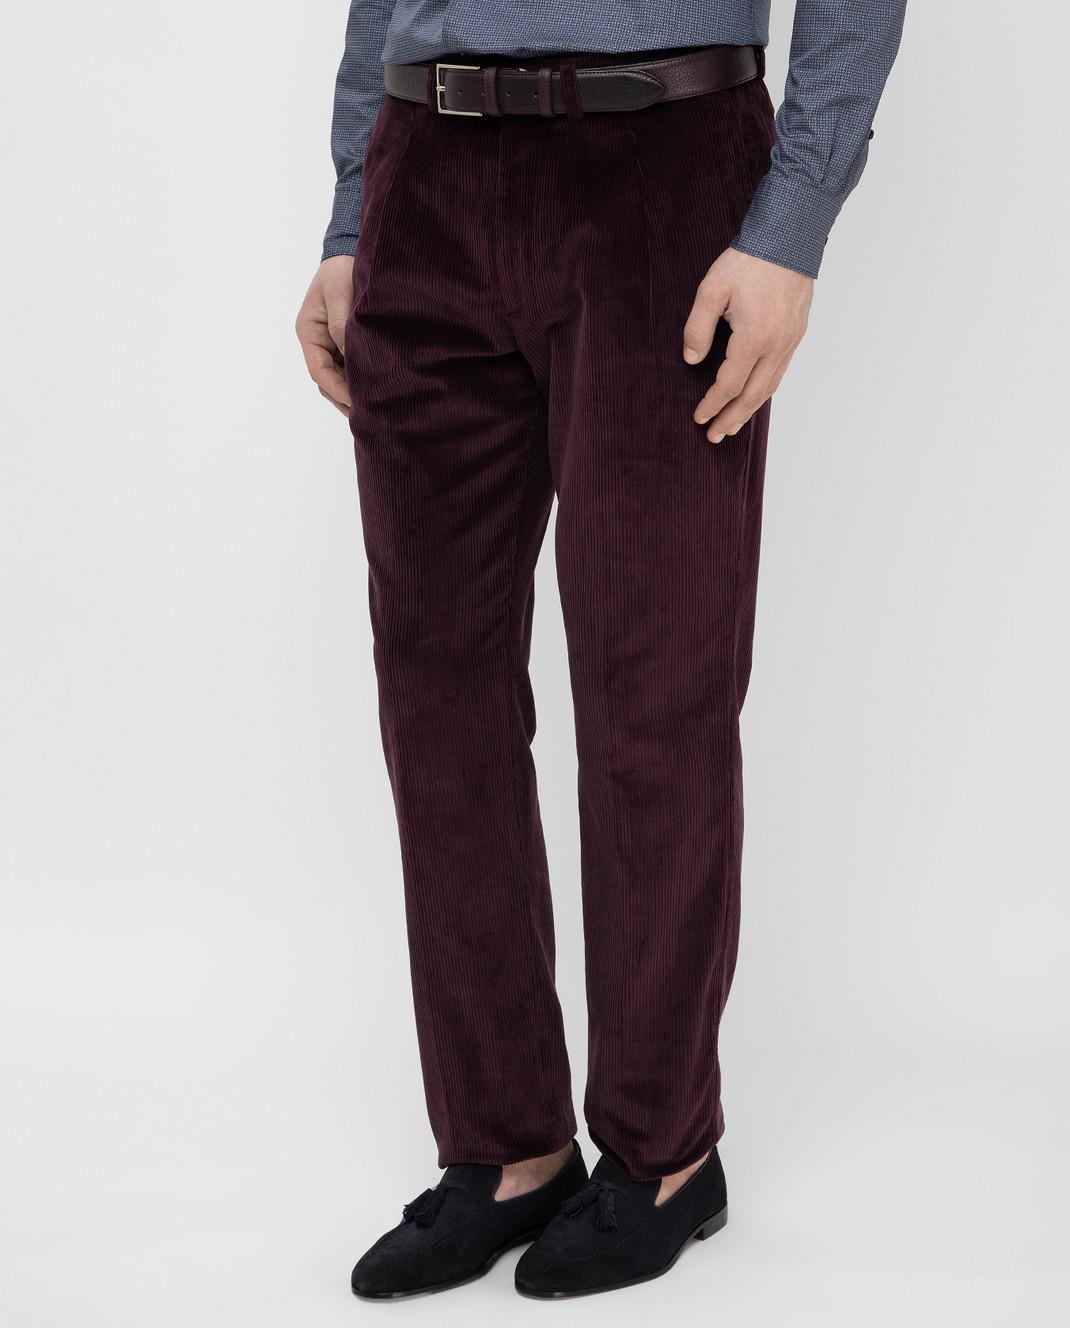 Stile Latino Фиолетовые брюки PUR32RCU13 изображение 3